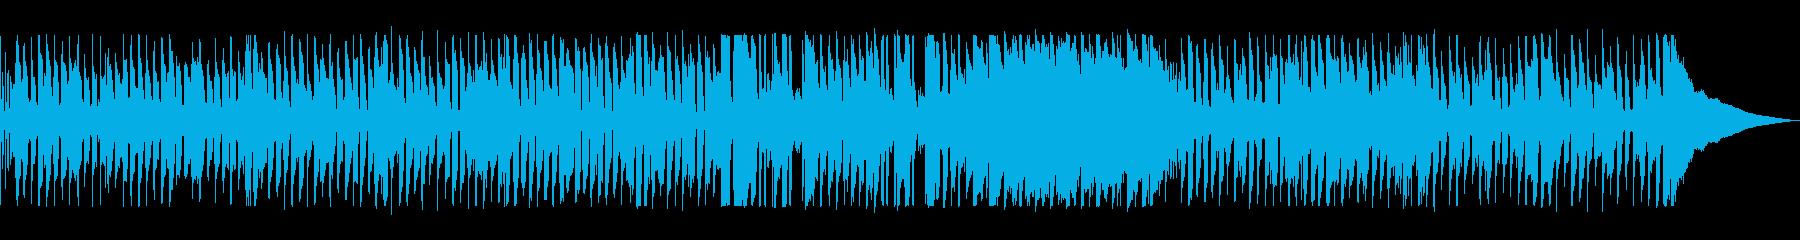 アコーディオンが特徴のフレンチポップスの再生済みの波形